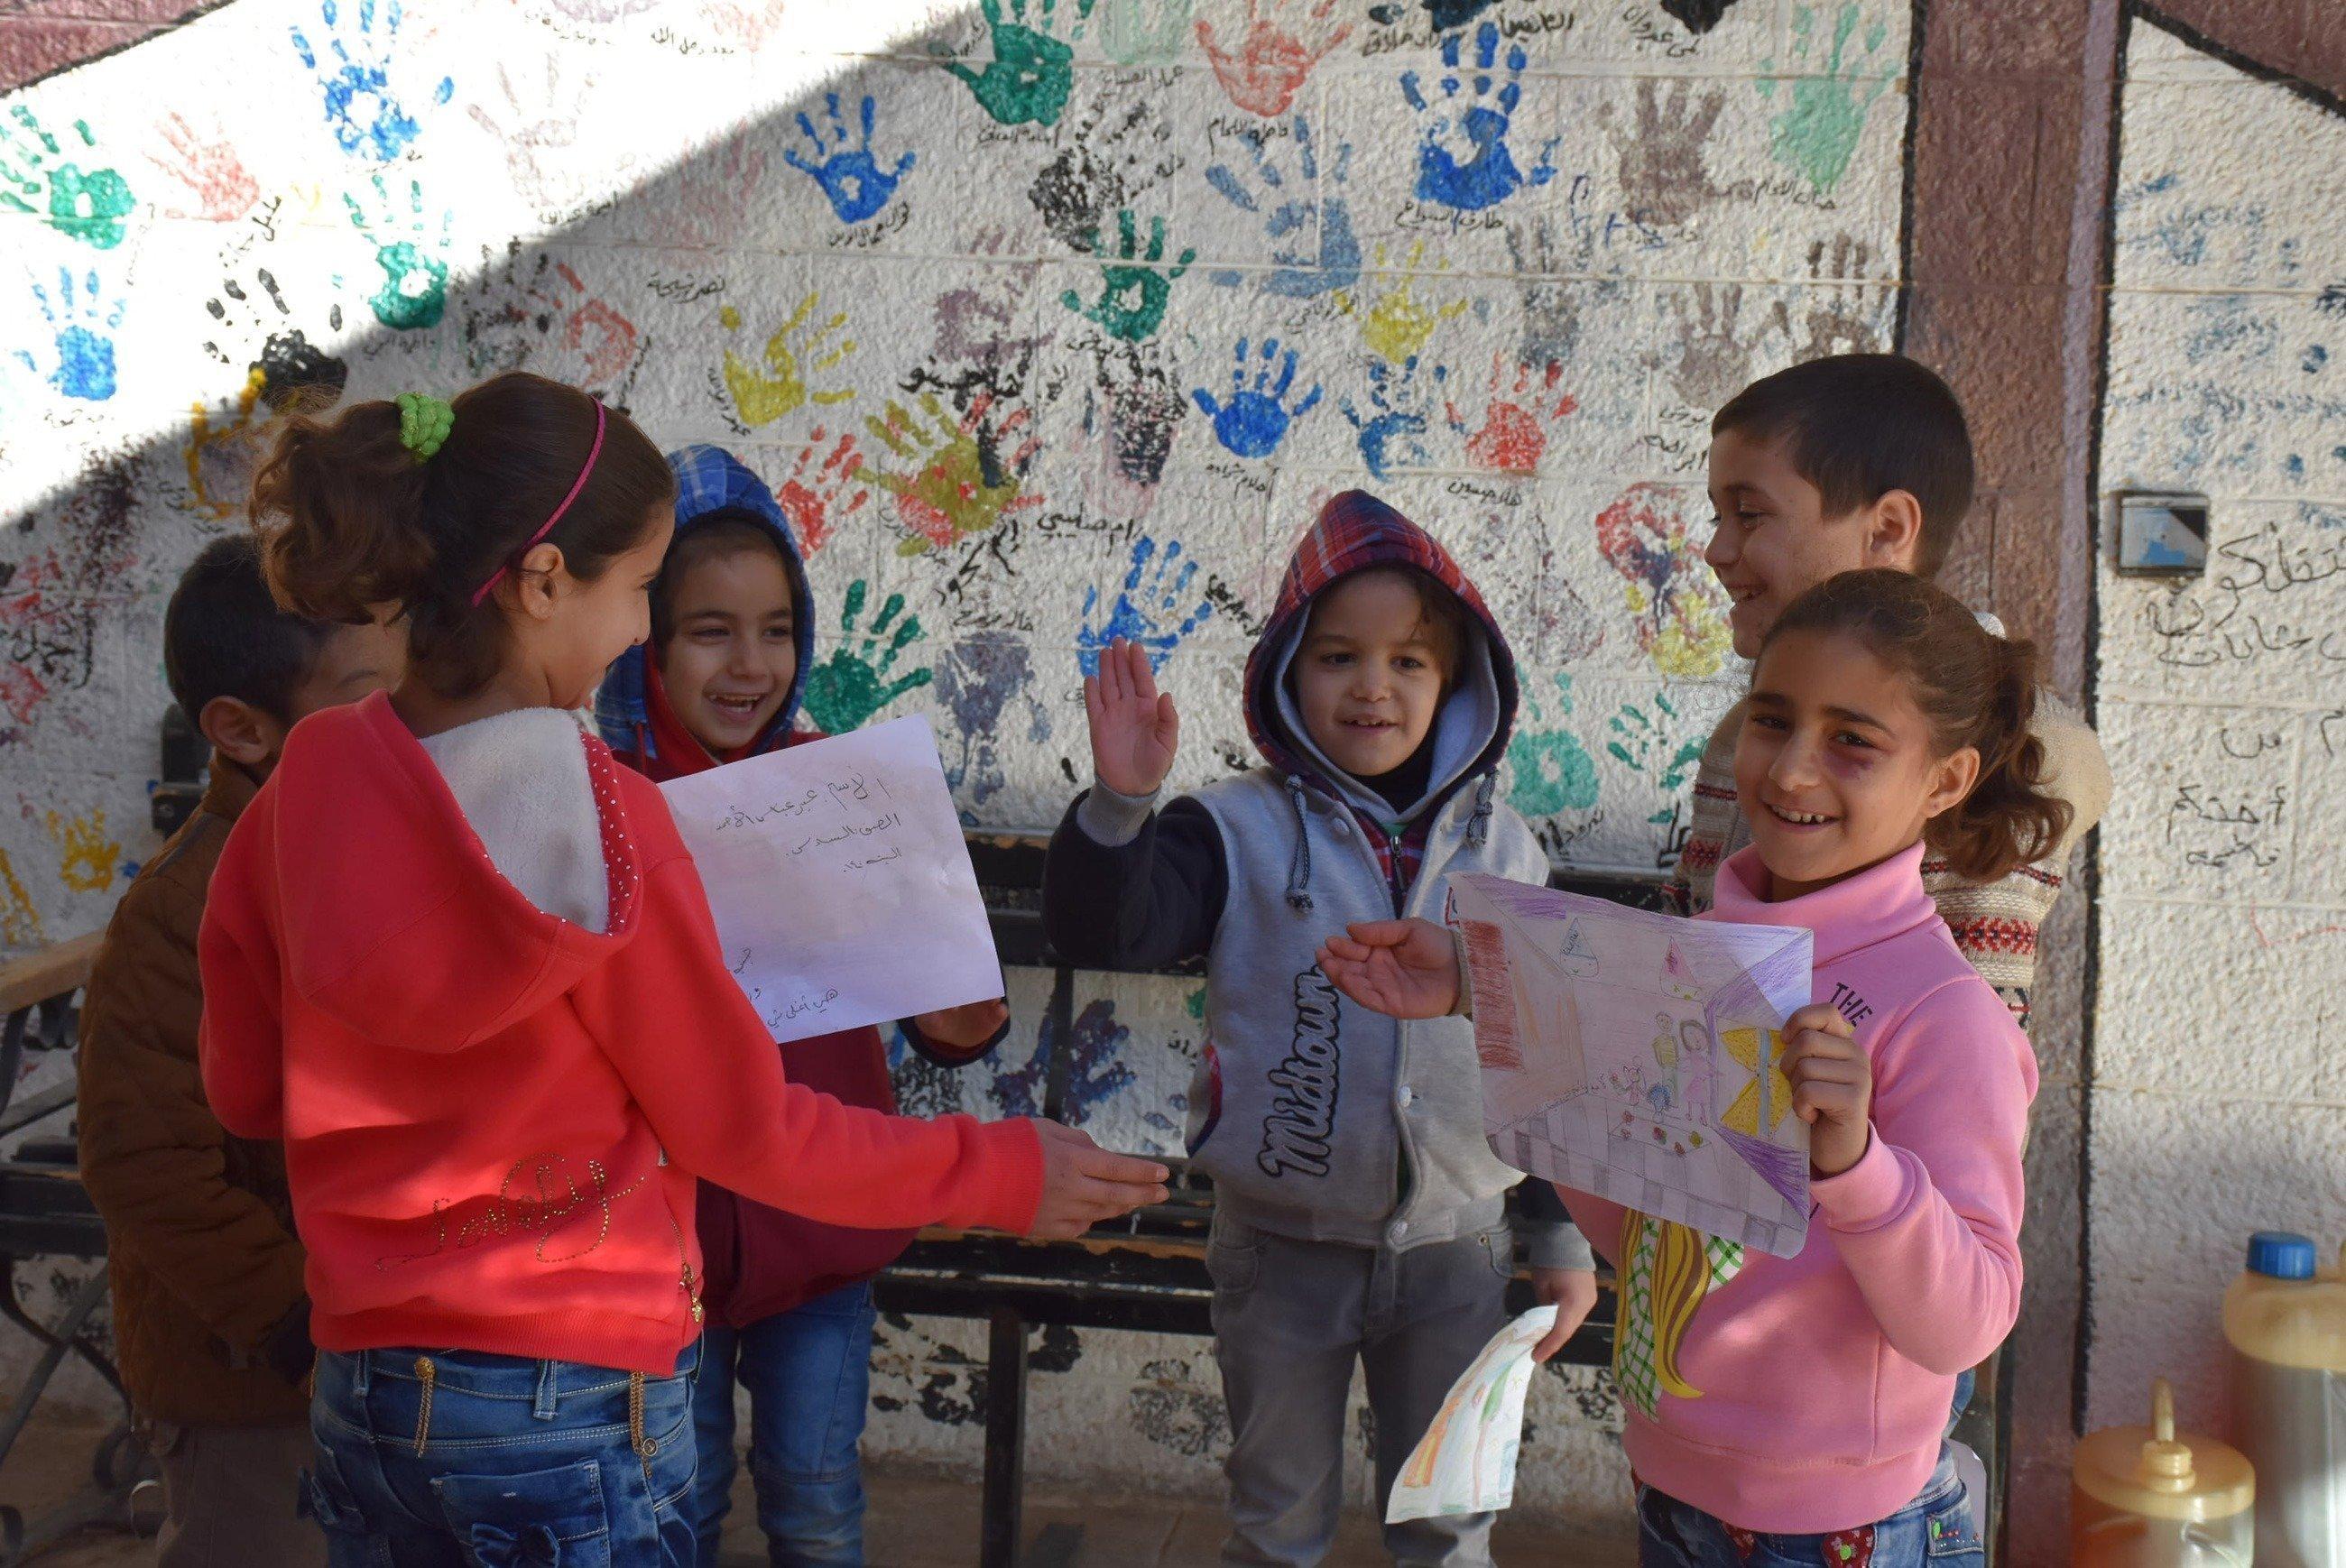 Des enfants jouent avec de la peinture sur leurs mains.